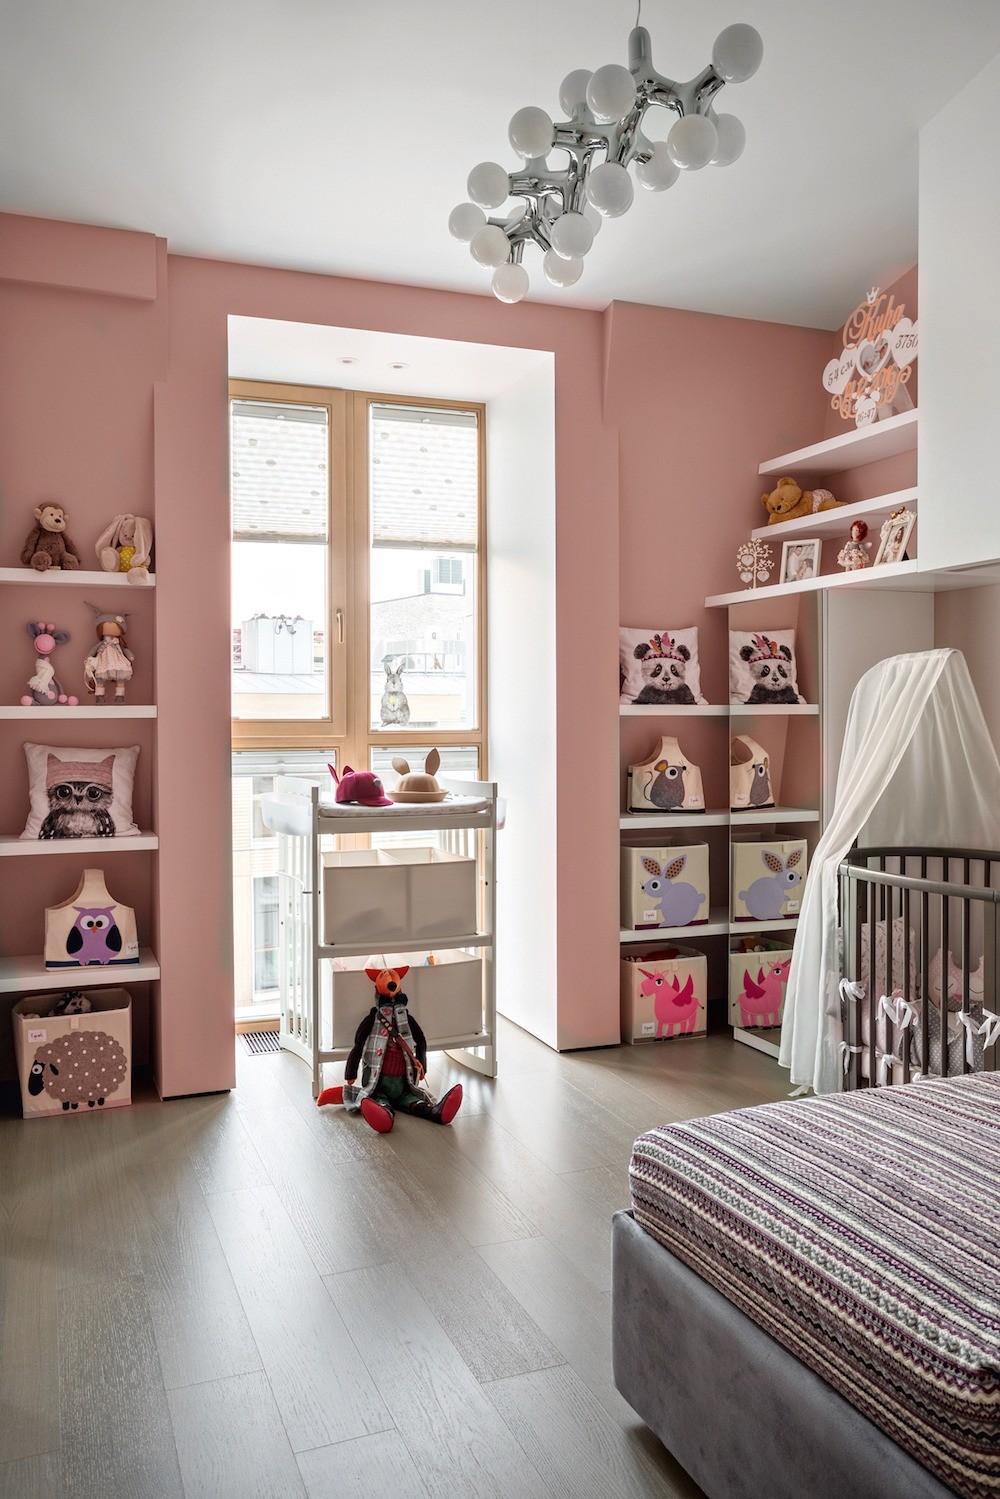 Детскую снабдили большим количеством открытых полок, исполненных по чертежам архитекторов: подрастая,  девочка будет расставлять здесь свои игрушки и поделки.